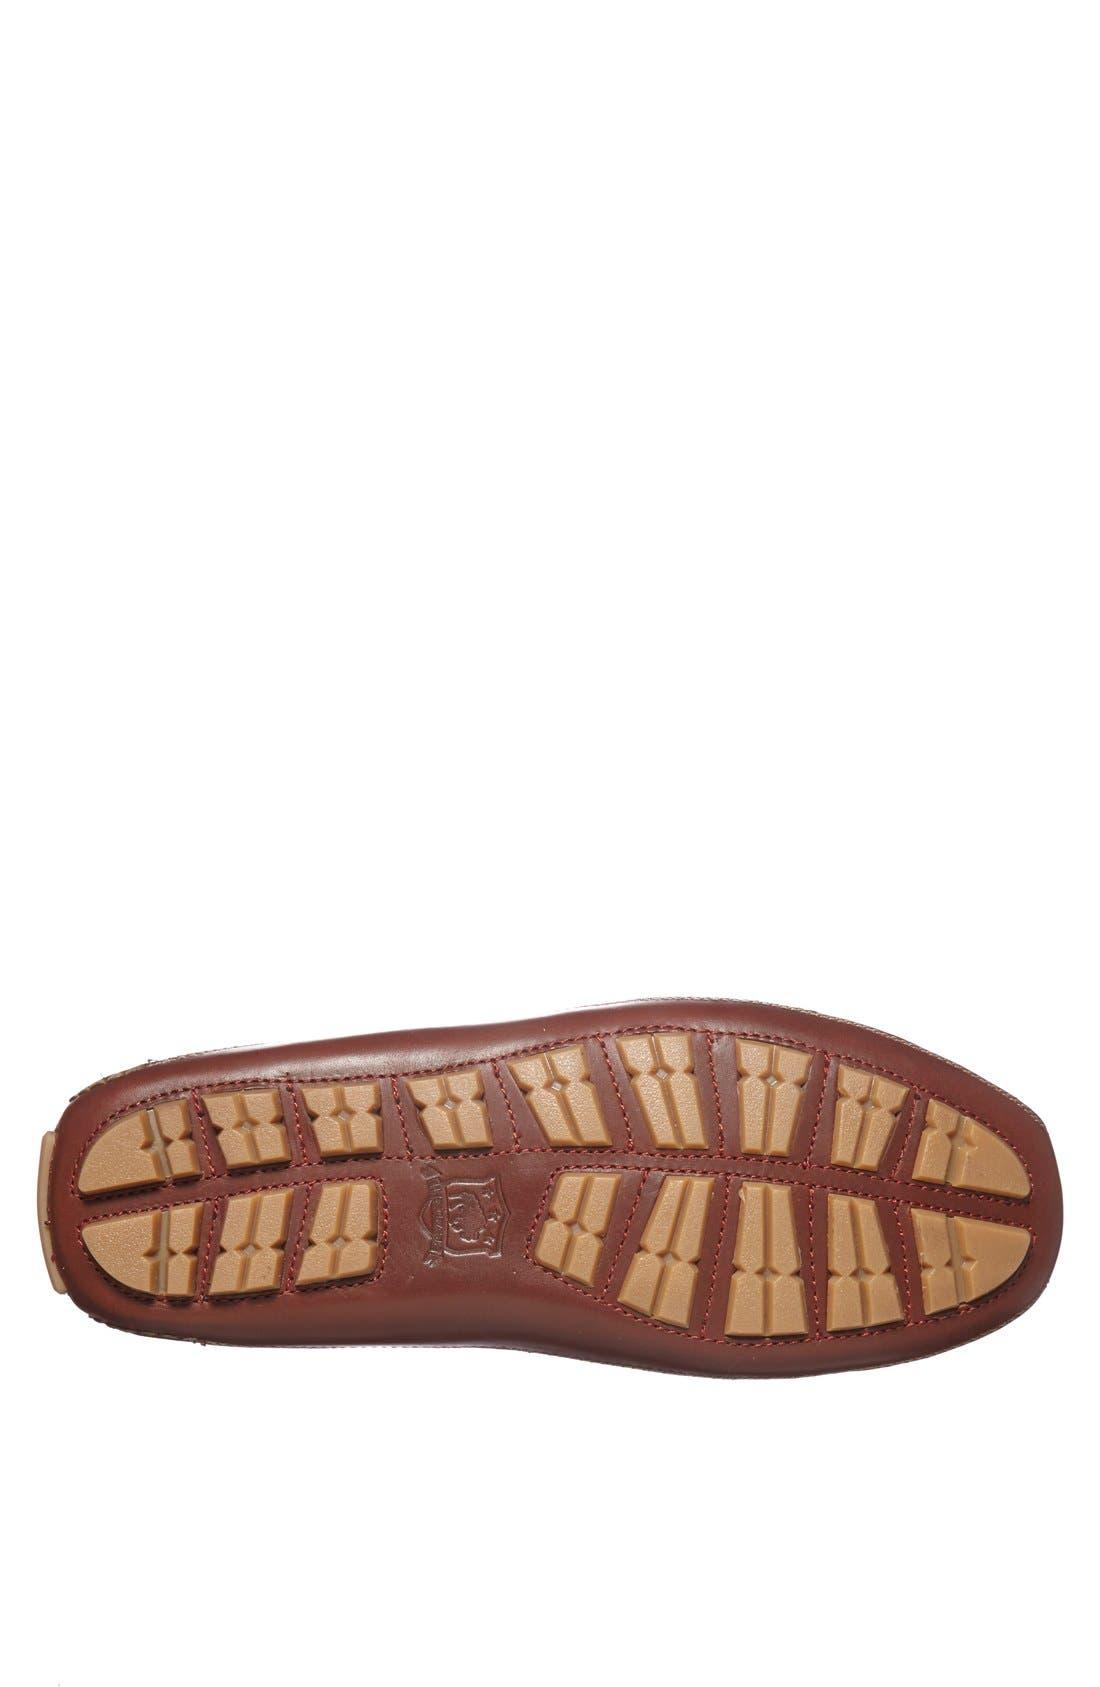 'Drake' Leather Driving Shoe,                             Alternate thumbnail 20, color,